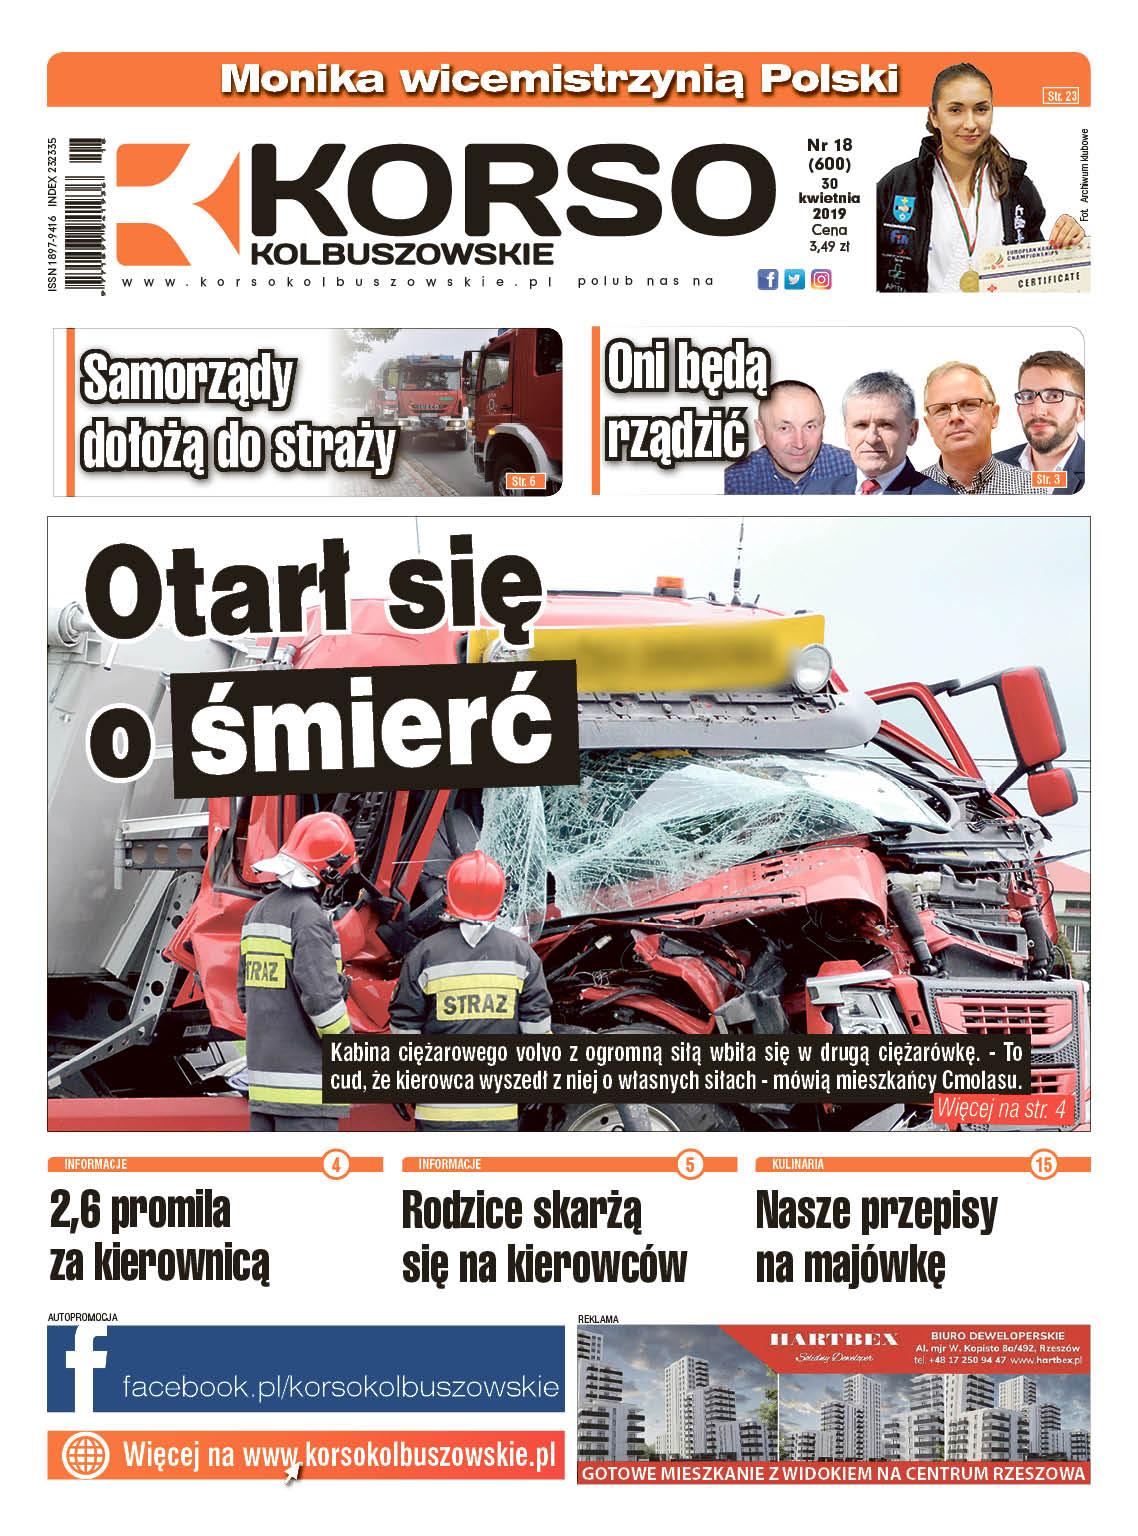 Korso Kolbuszowskie - nr 18/2019 - Zdjęcie główne